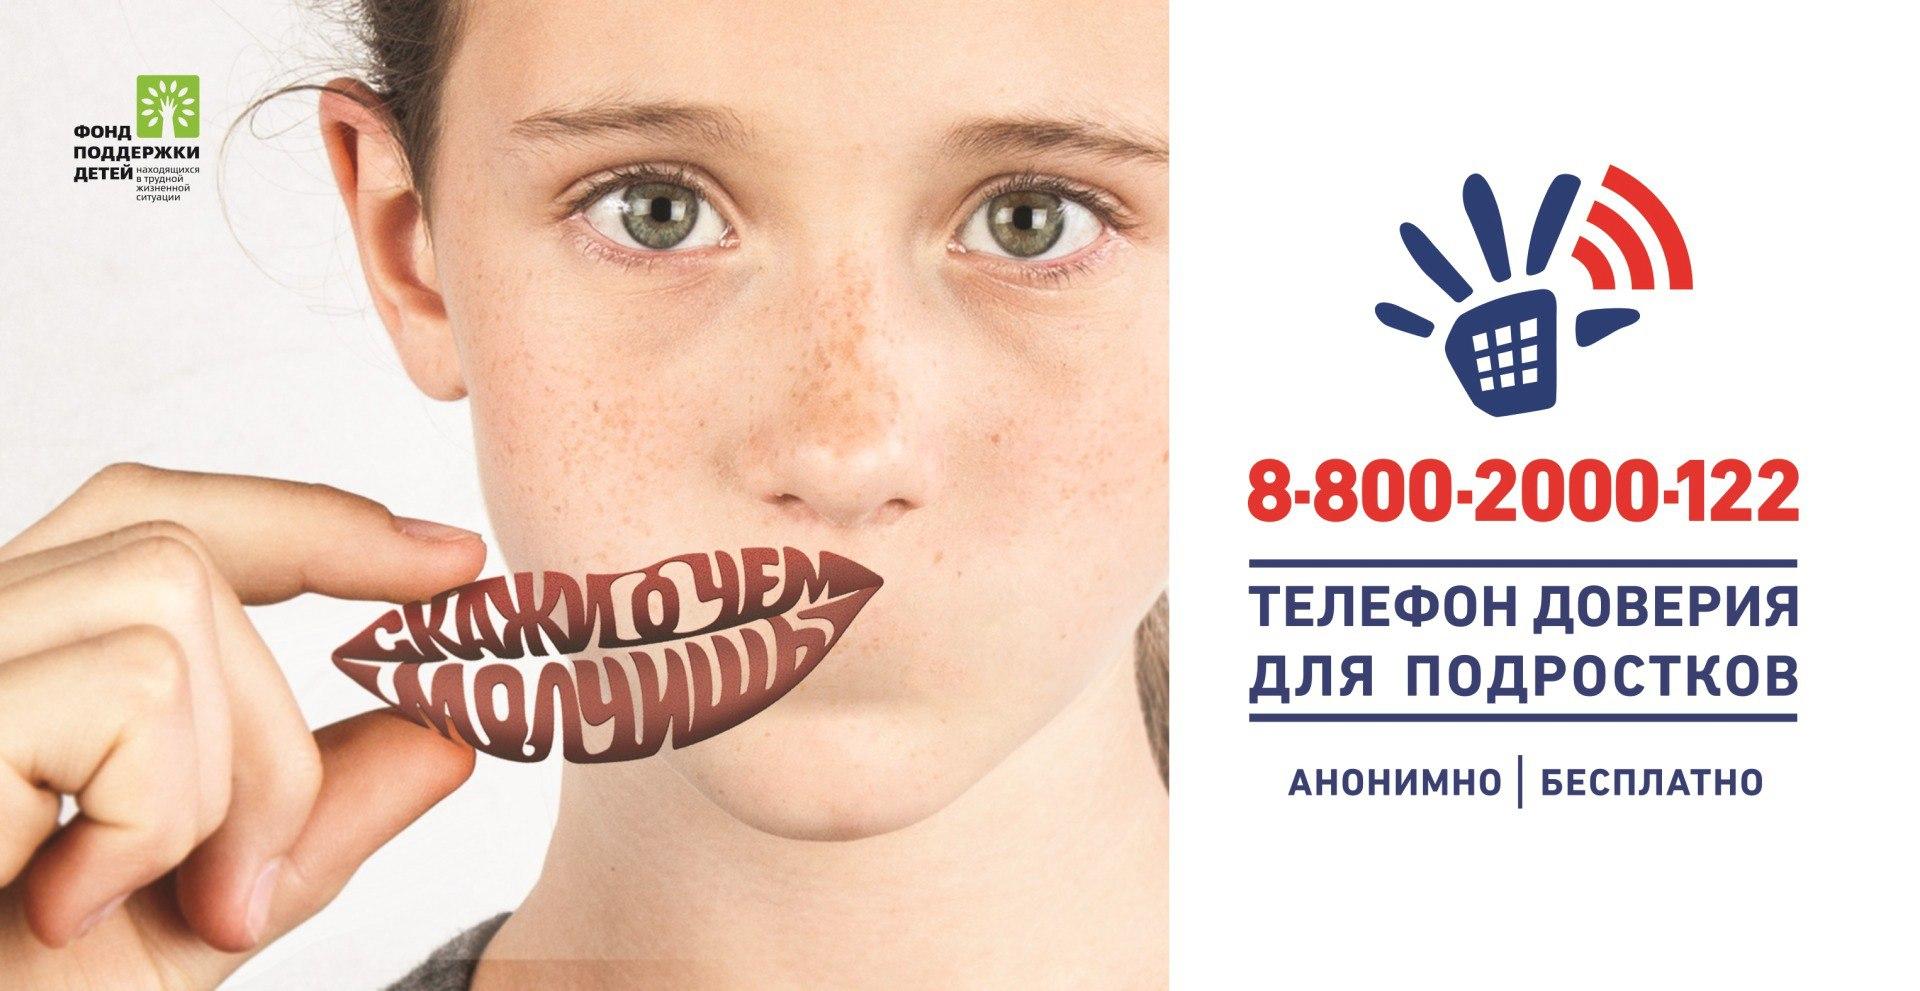 Картинка телефон доверия для детей подростков и их родителей